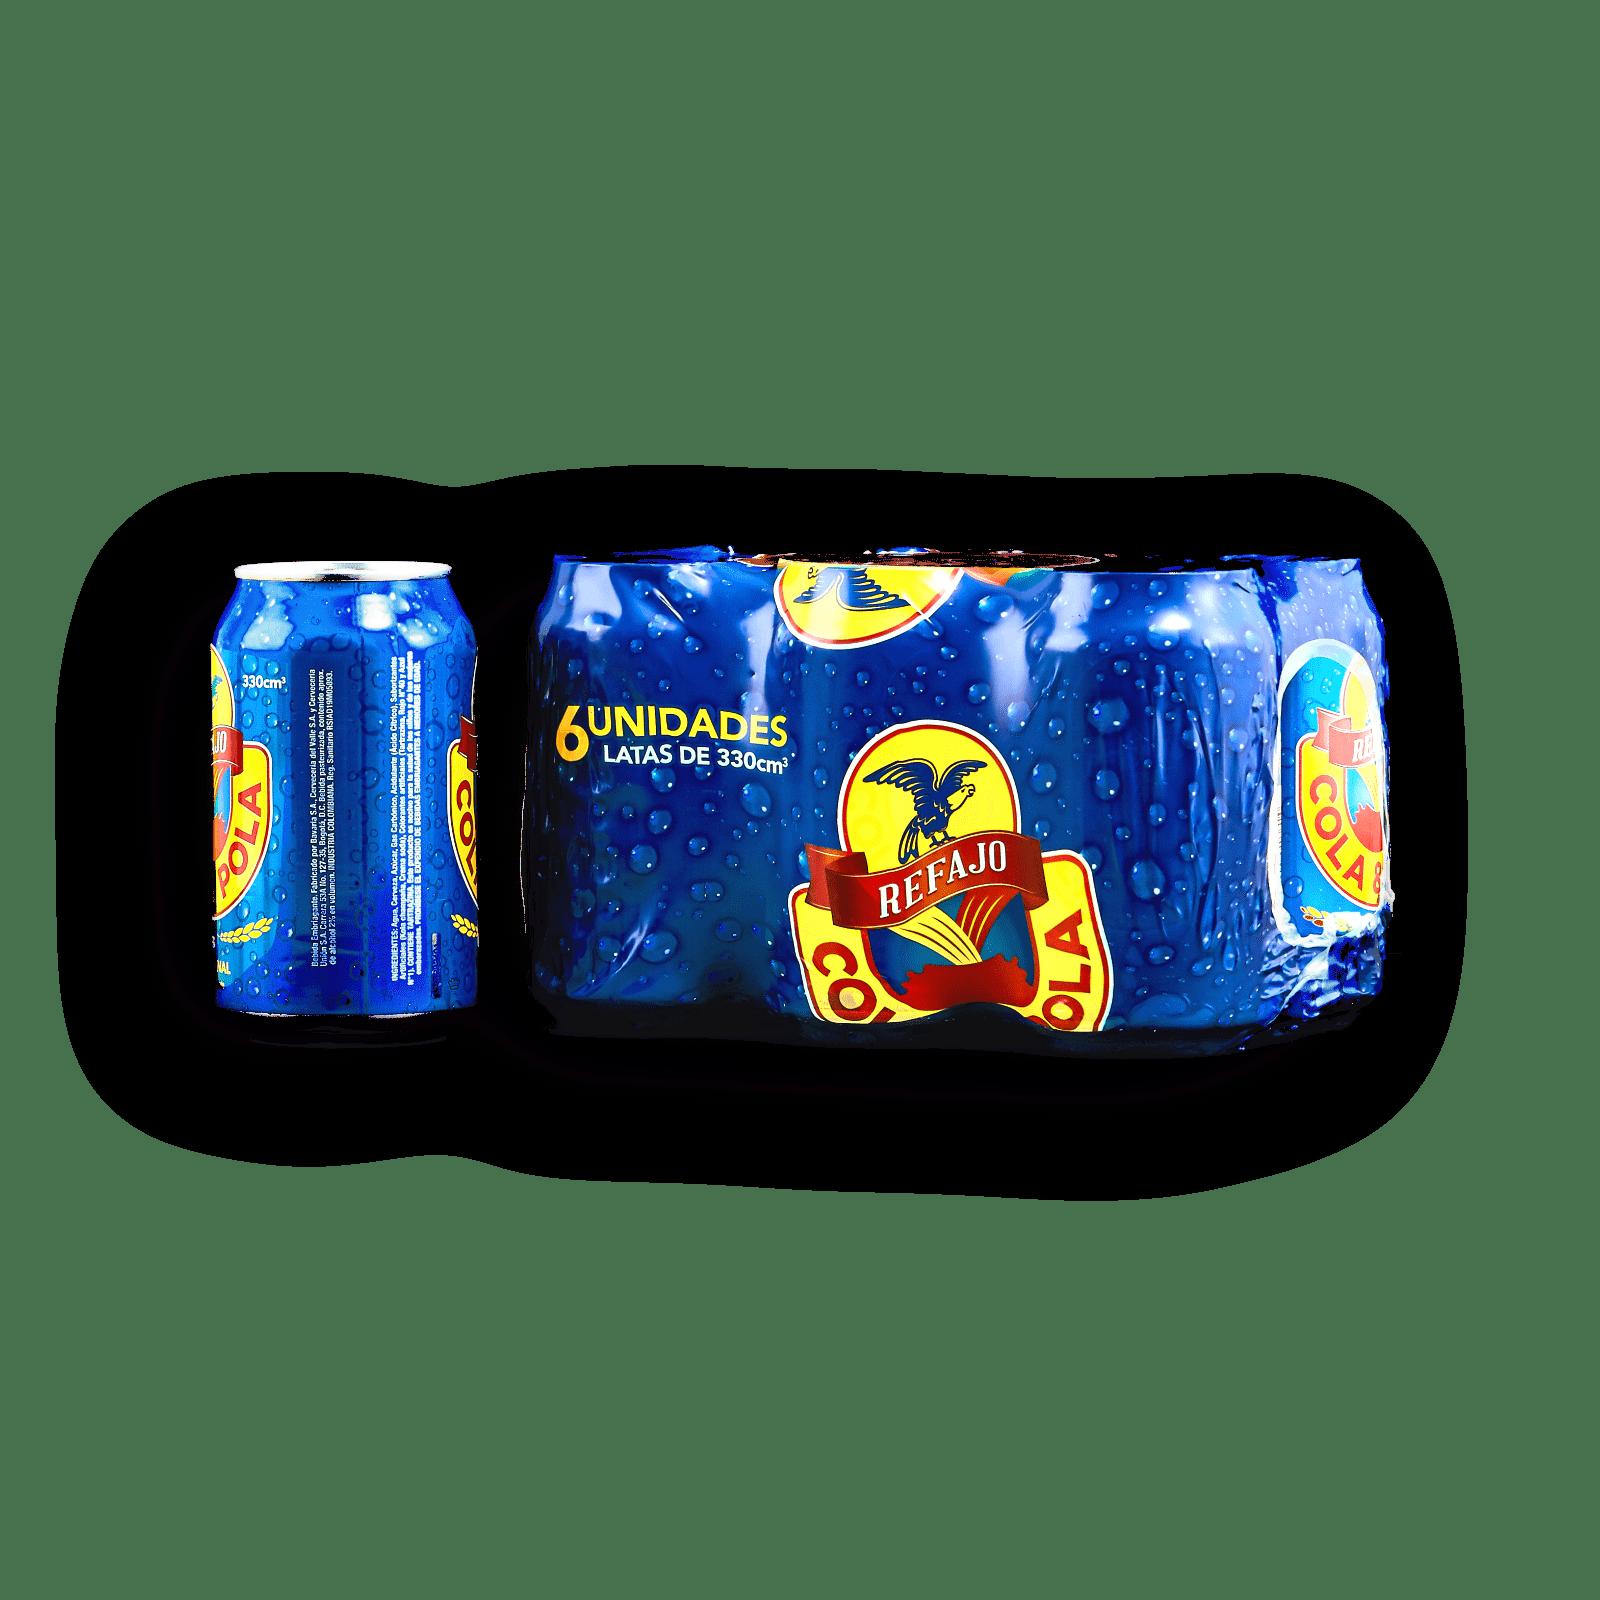 Refajo Cola Y Pola